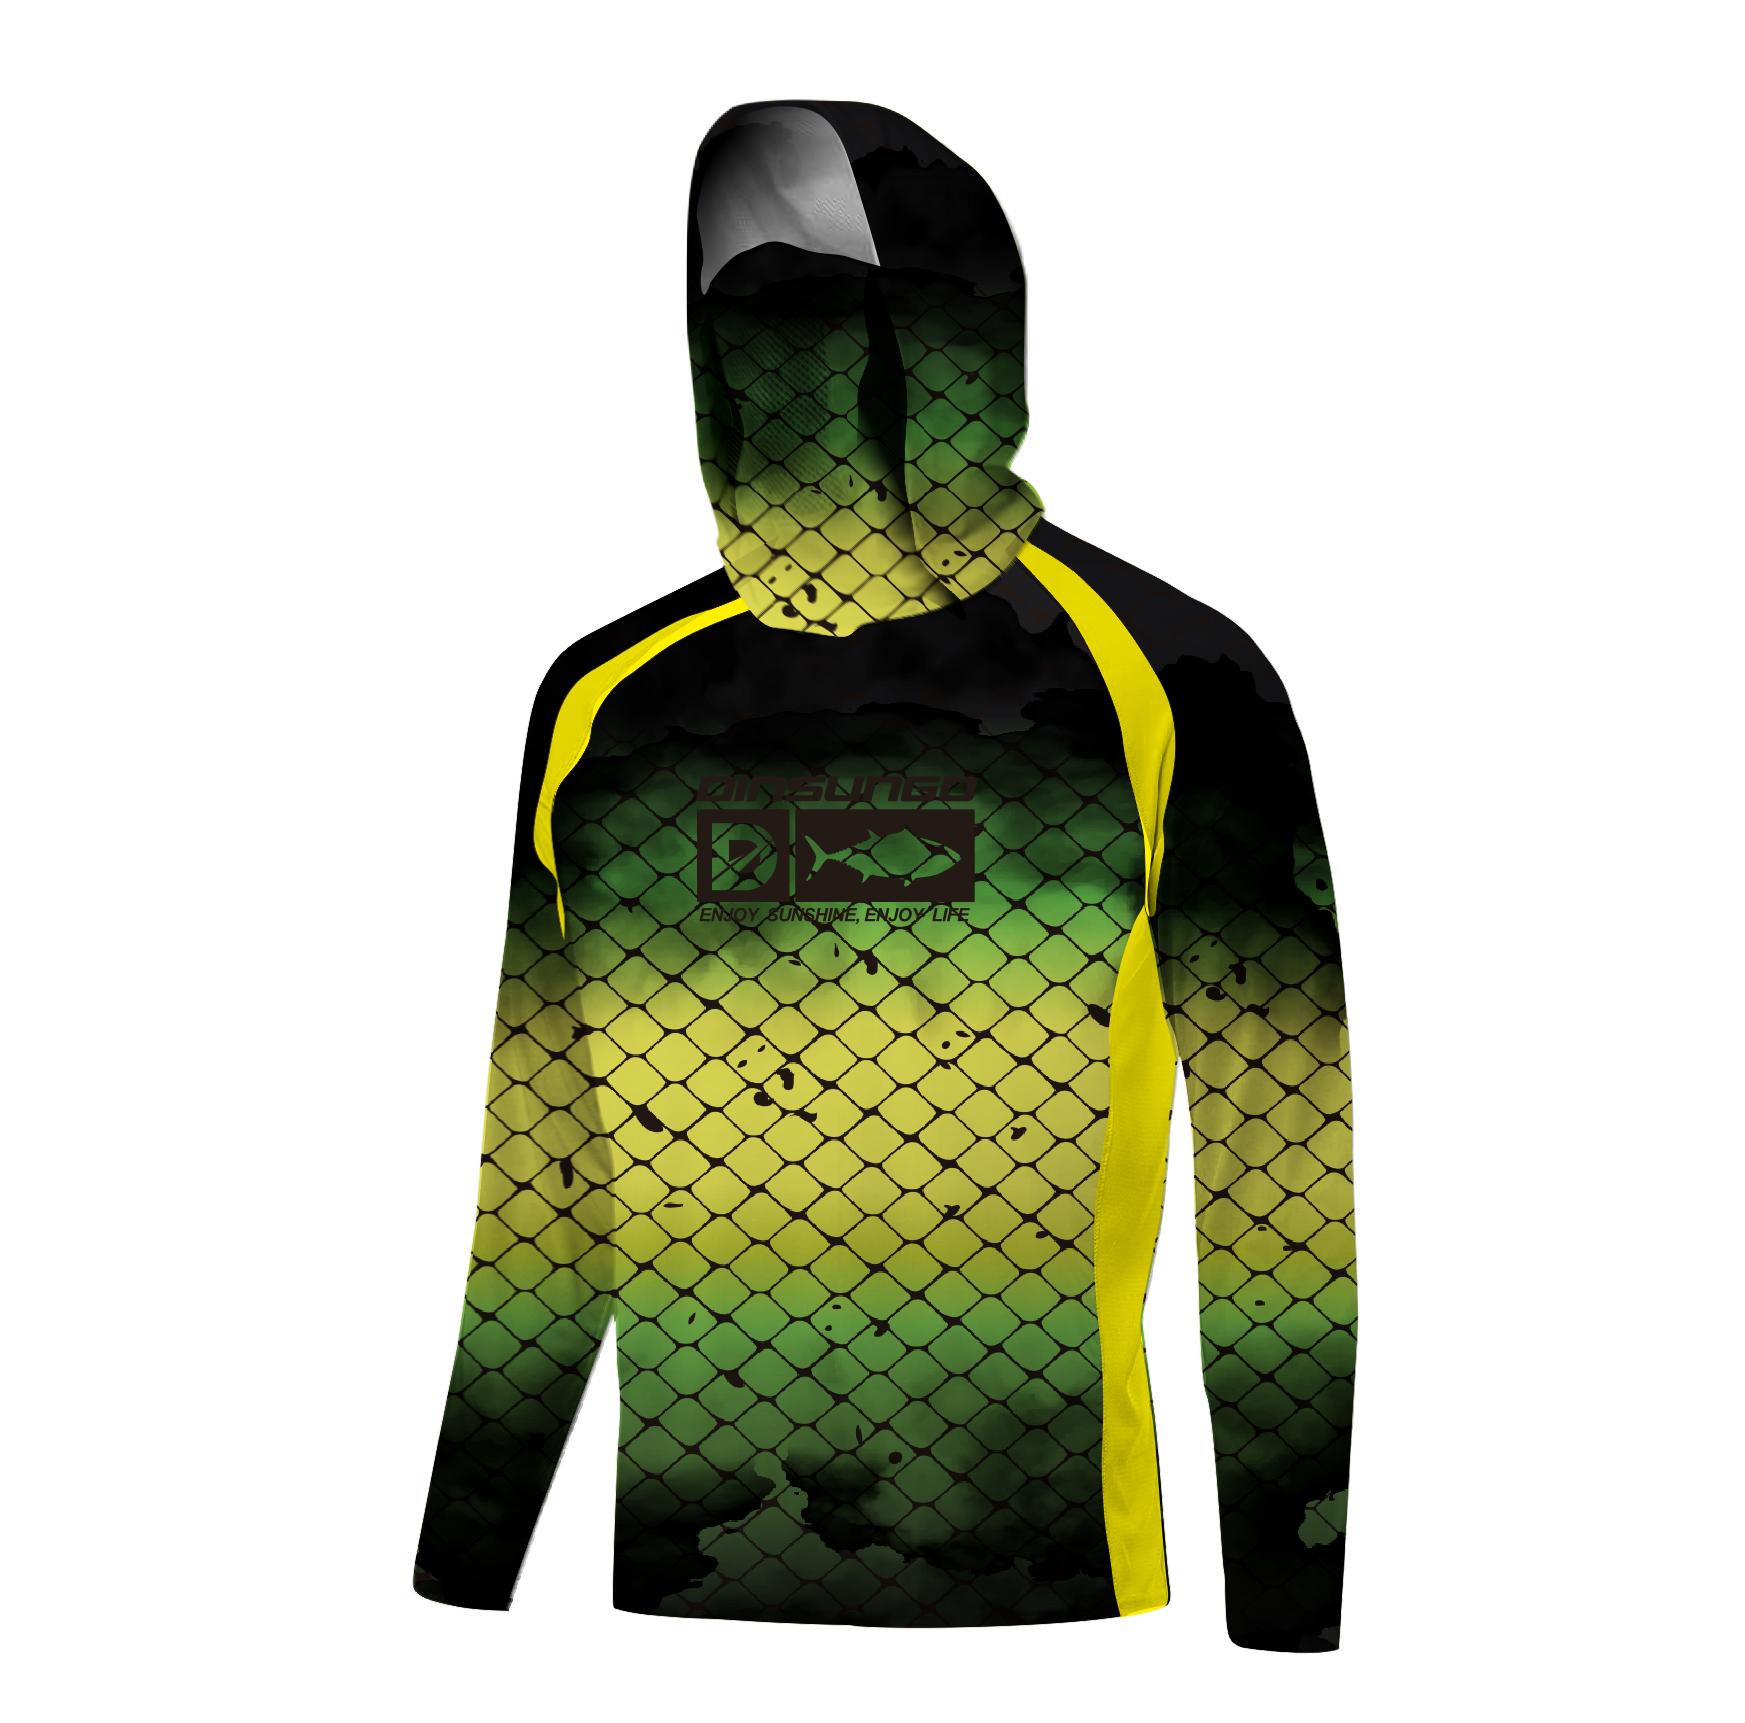 Толстовки для рыбалки UPF 50 + быстросохнущая рубашка сублимационная Толстовка для рыбалки с защитой лица одежда для рыбалки